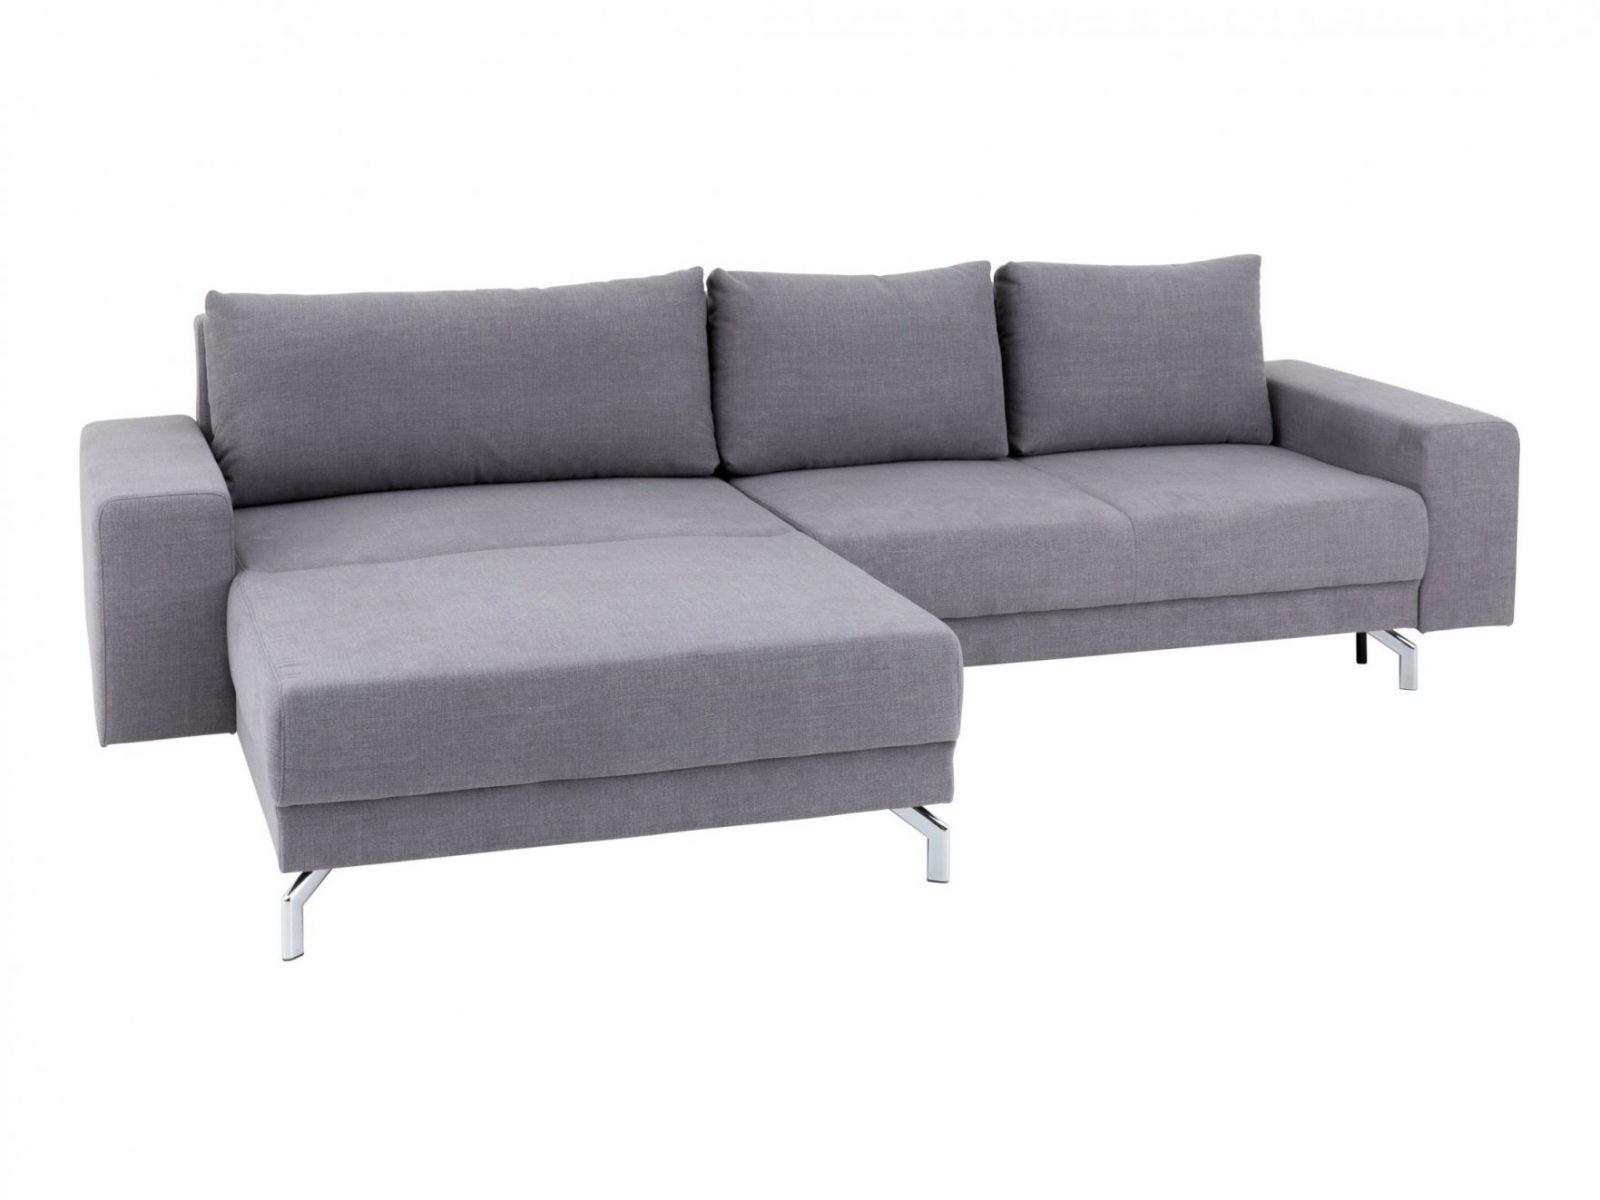 Schlafsofa Mit Bettkasten Ikea : schlafsofa mit bettkasten ikea haus bauen ~ Watch28wear.com Haus und Dekorationen